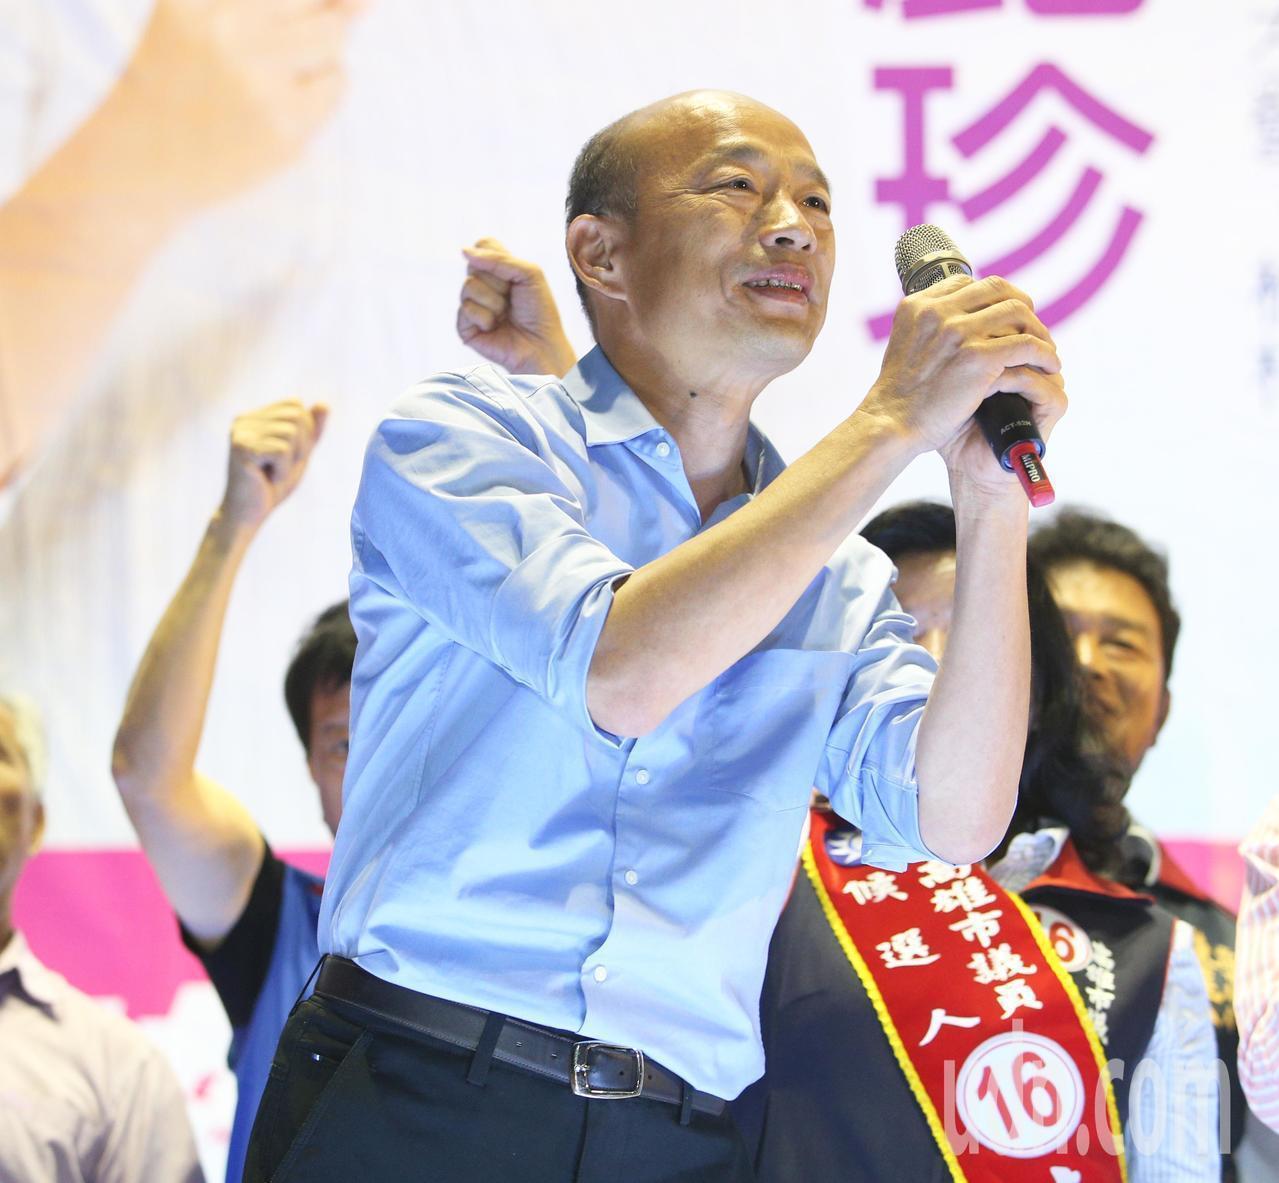 高雄市長韓國瑜深夜PO以「五個感謝」為題的感謝文。圖/聯合報系資料照片